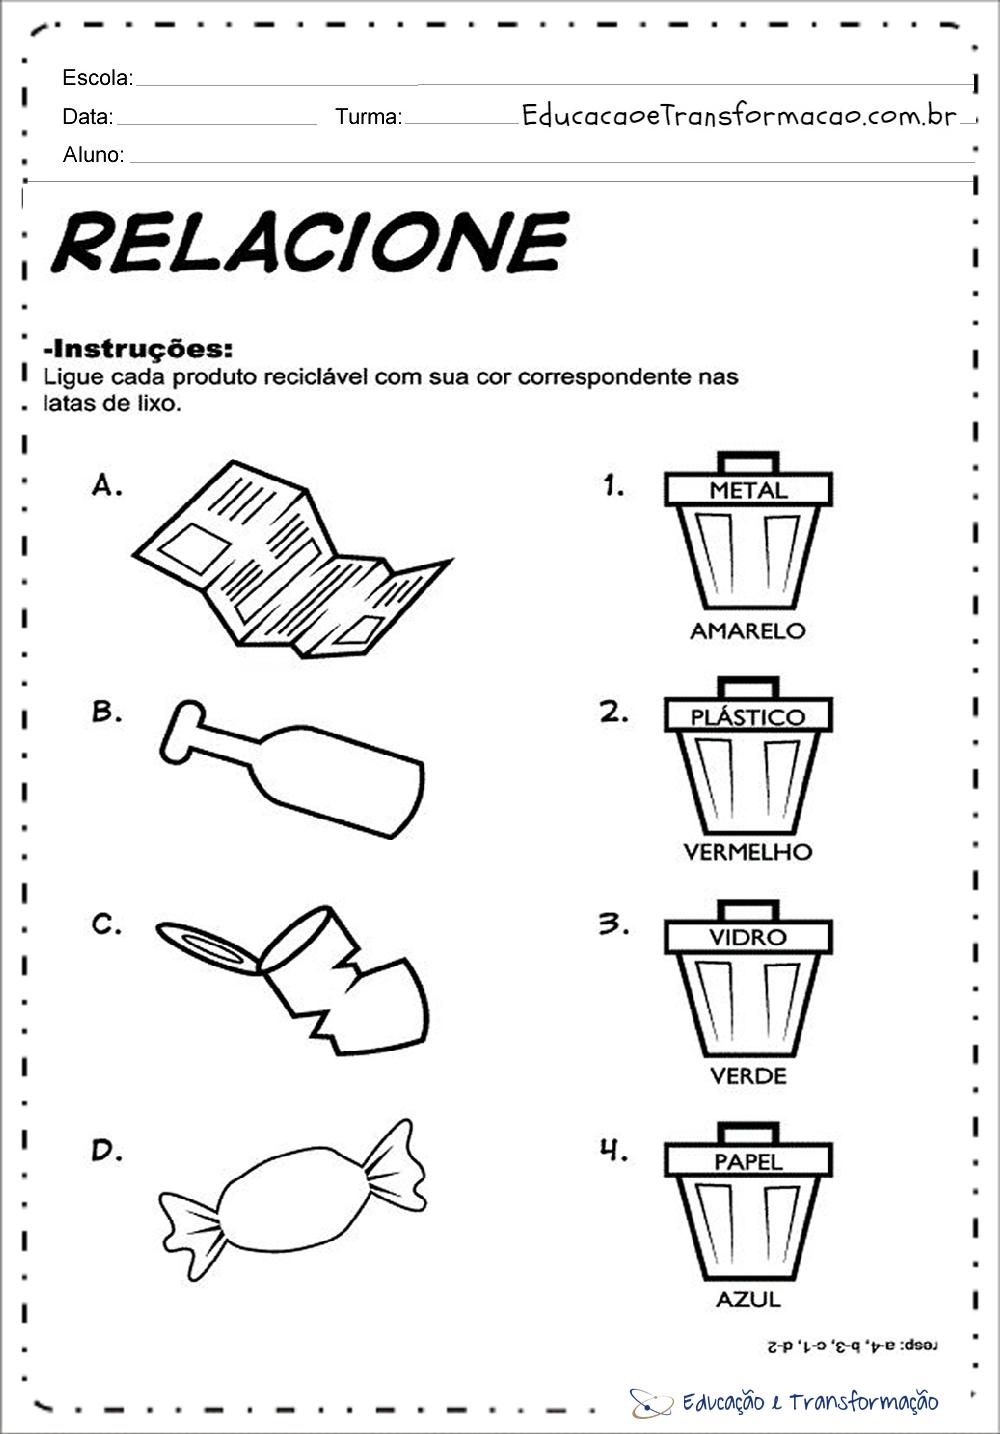 Atividades Meio Ambiente Educacao Infantil Relacione Educacao